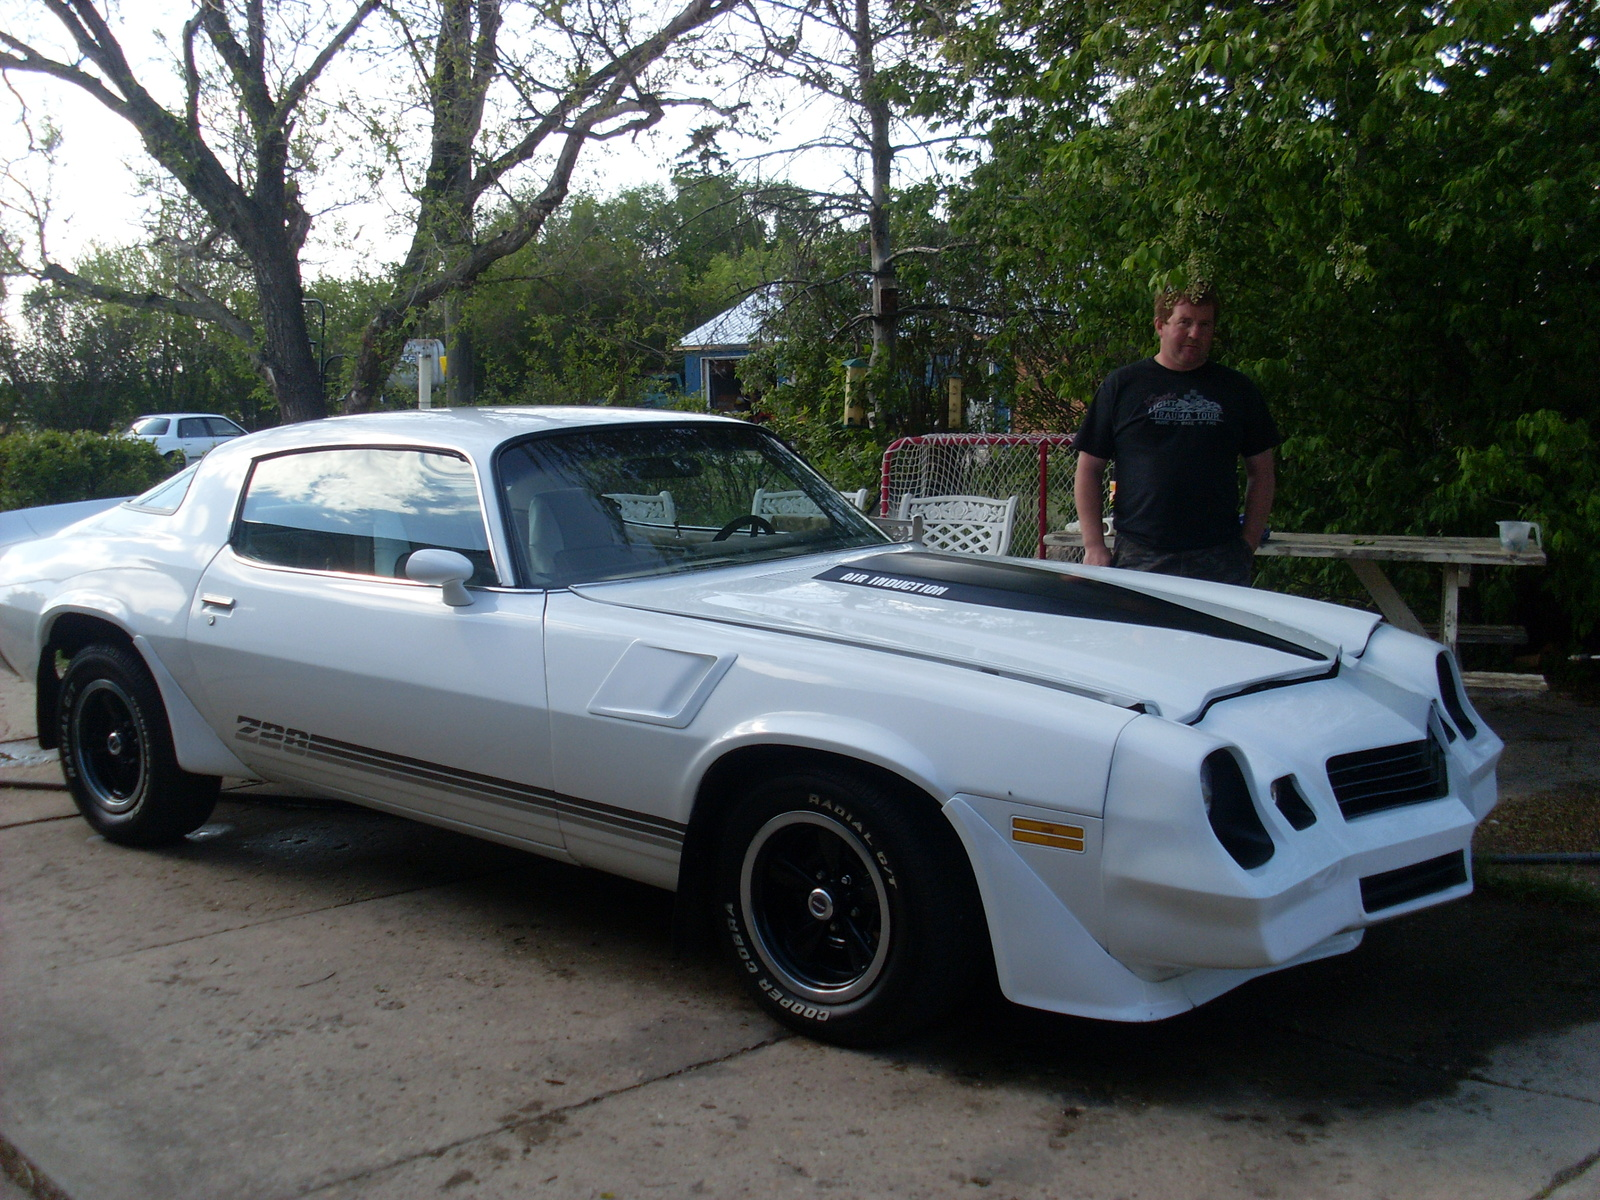 1981 Chevrolet Camaro Pictures Cargurus